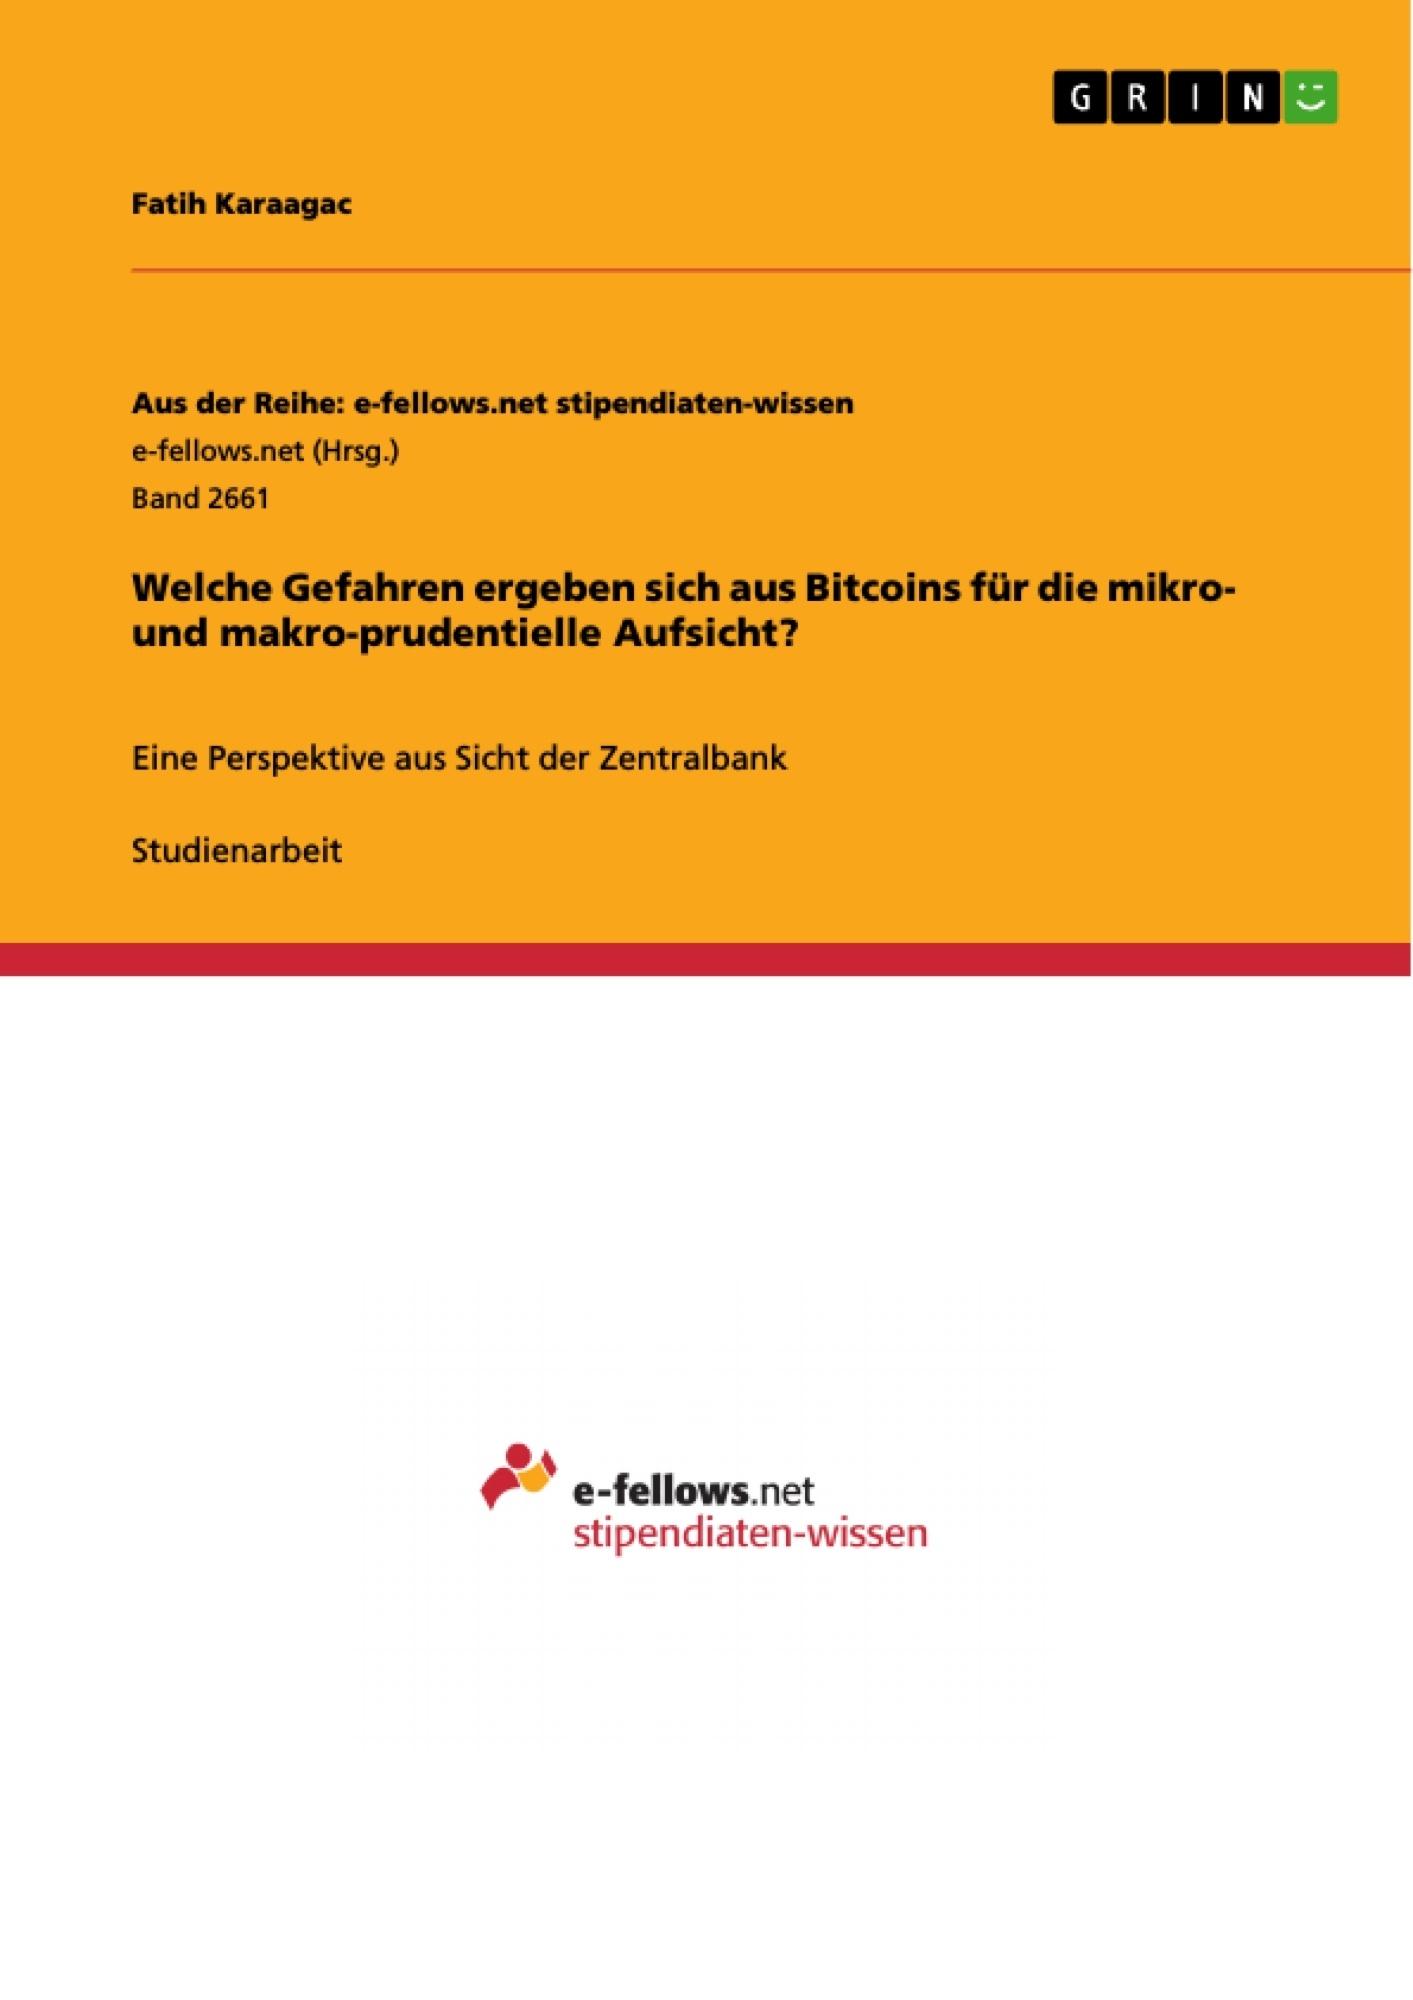 Titel: Welche Gefahren ergeben sich aus Bitcoins für die mikro- und makro-prudentielle Aufsicht?